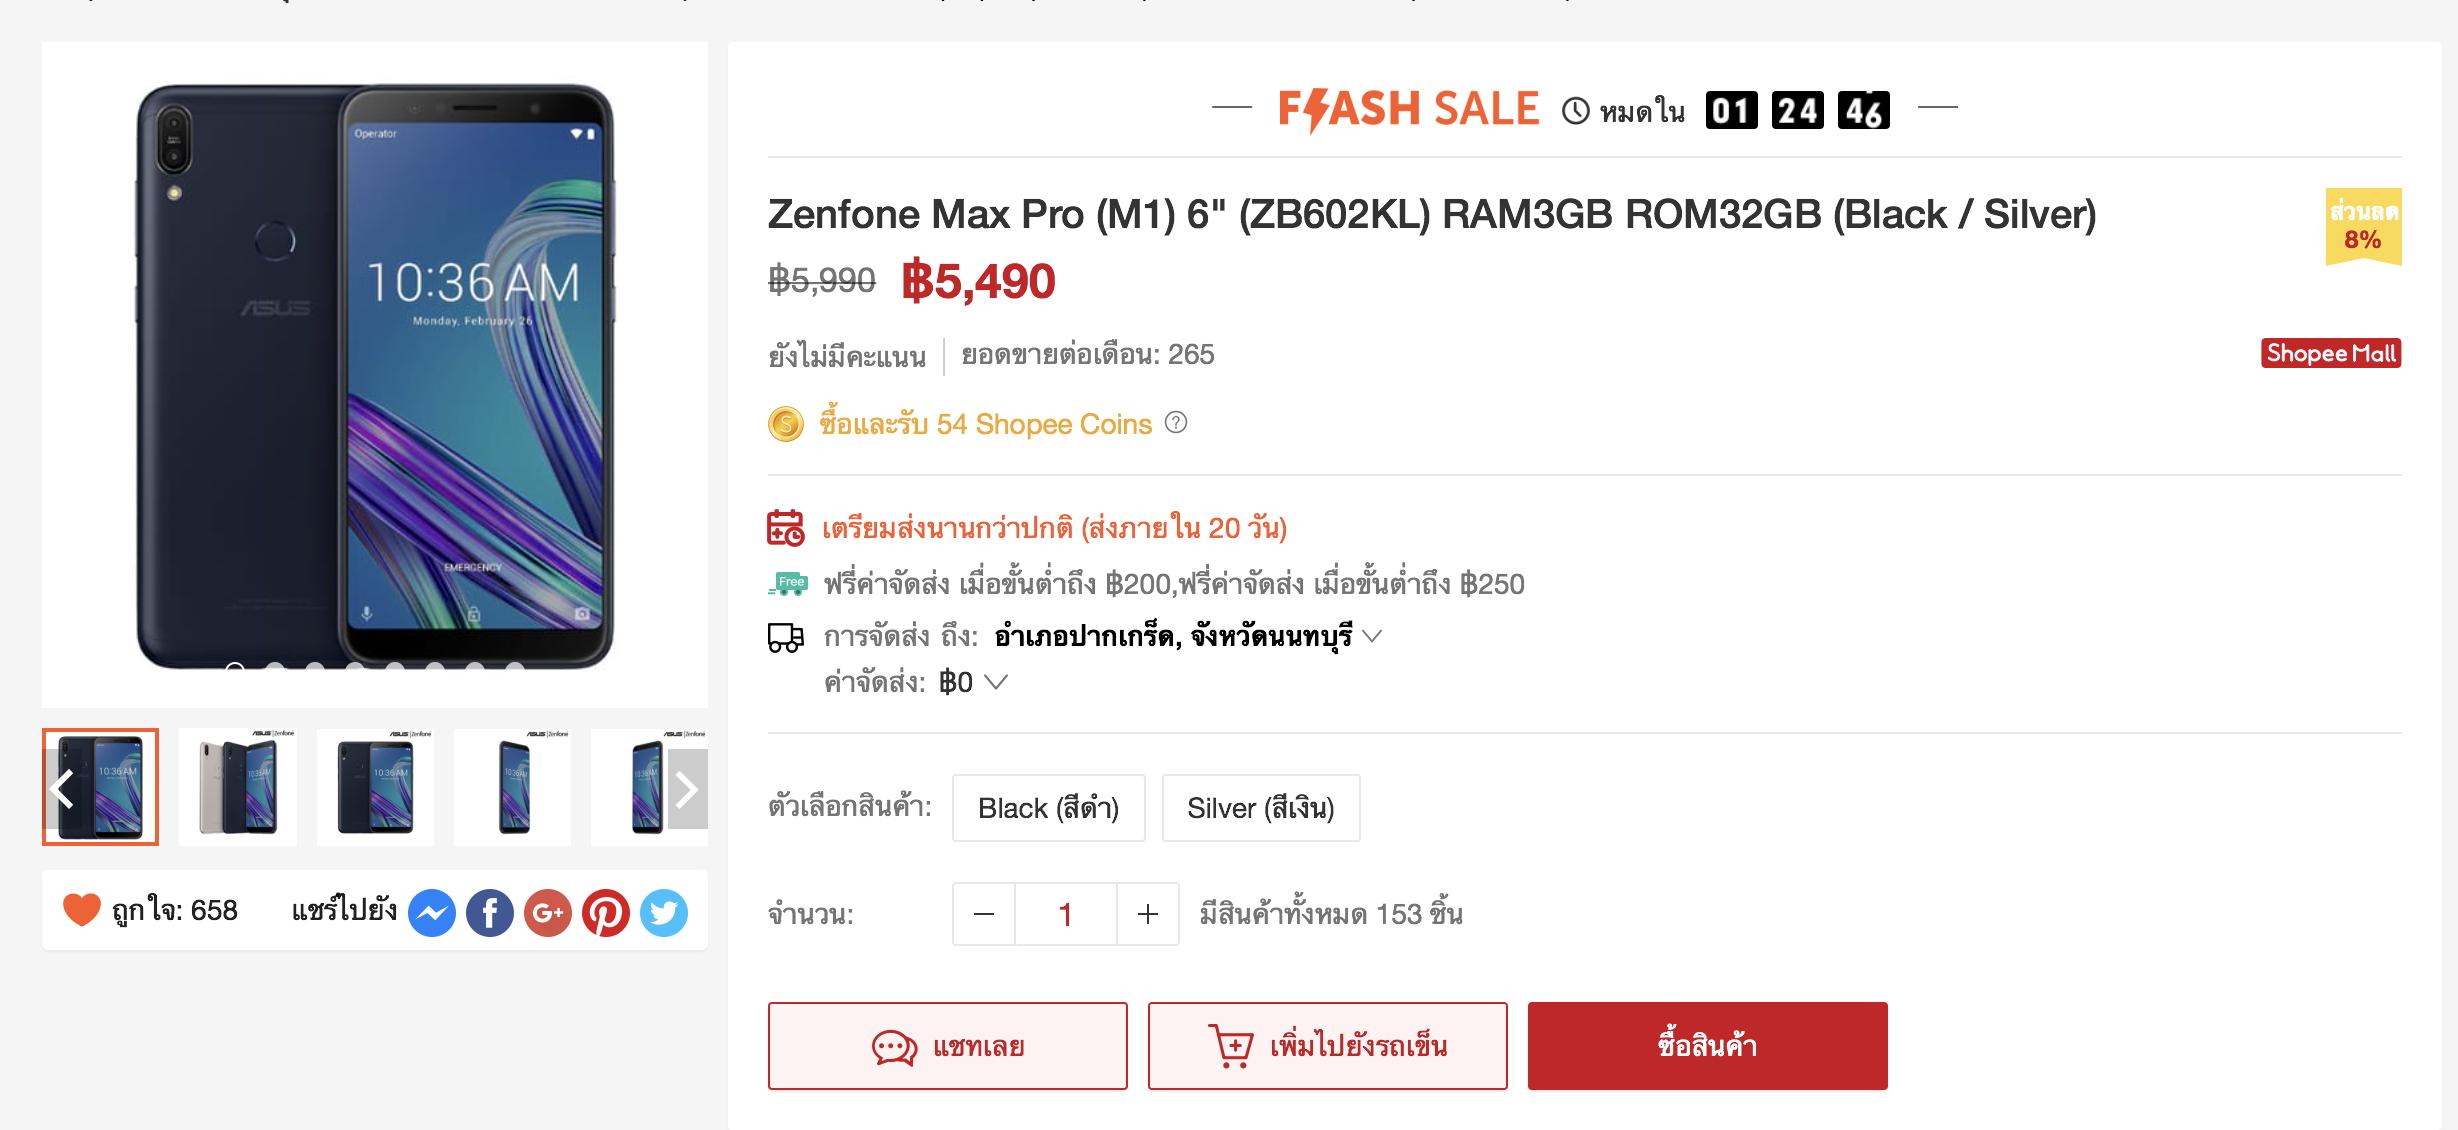 Flash Sale Zenfone Max Pro M1